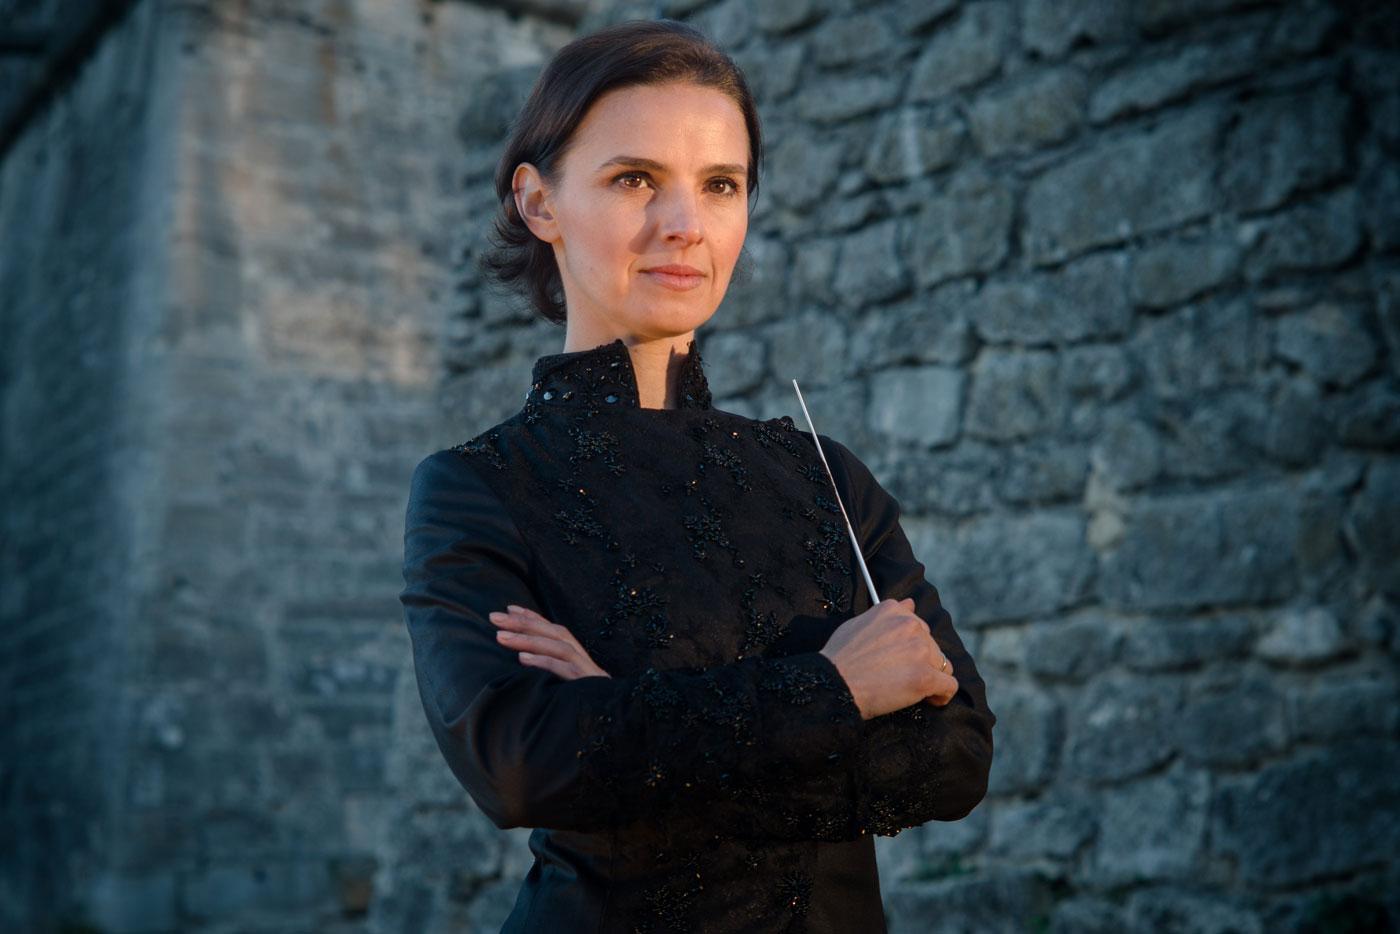 🔈 Подкаст «Інше інтерв'ю»: Оксана Линів — про мистецтво диригування, повернення Моцарта до Львова та дзвінок з Офісу президента